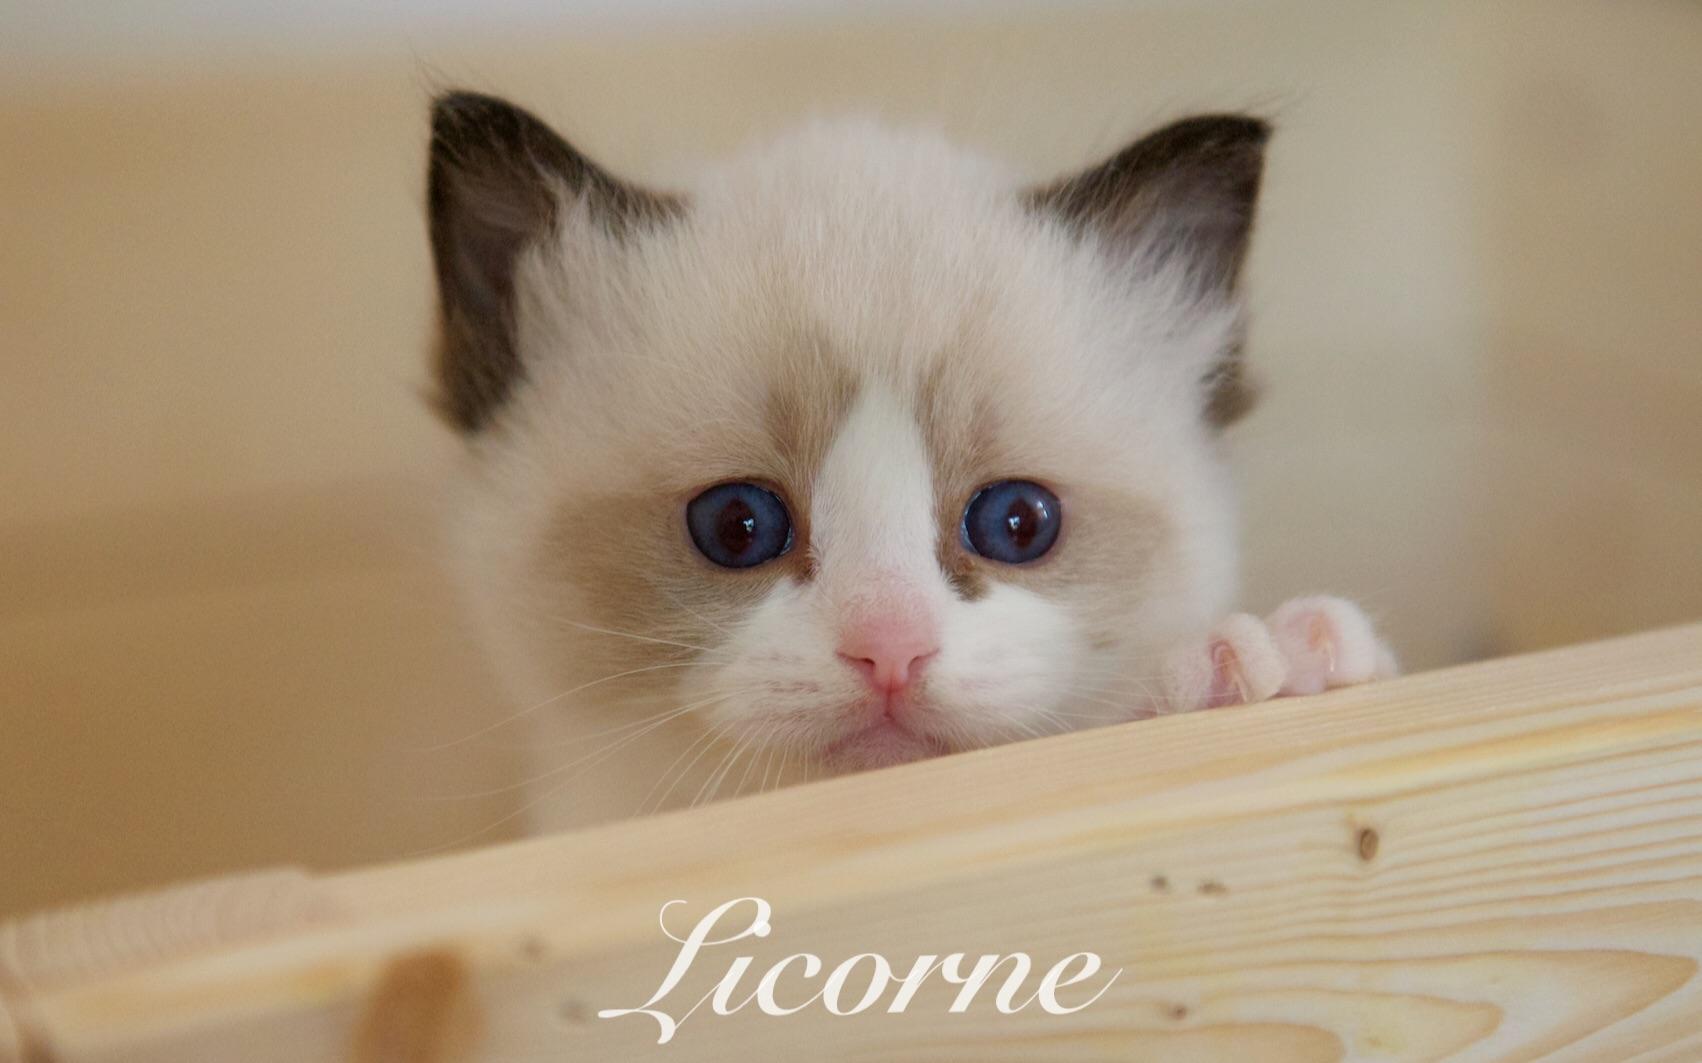 【布偶貓】小奶貓之玩耍的日常(水瓶座寶寶)_嗶哩嗶哩 (゜-゜)つロ 干杯~-bilibili